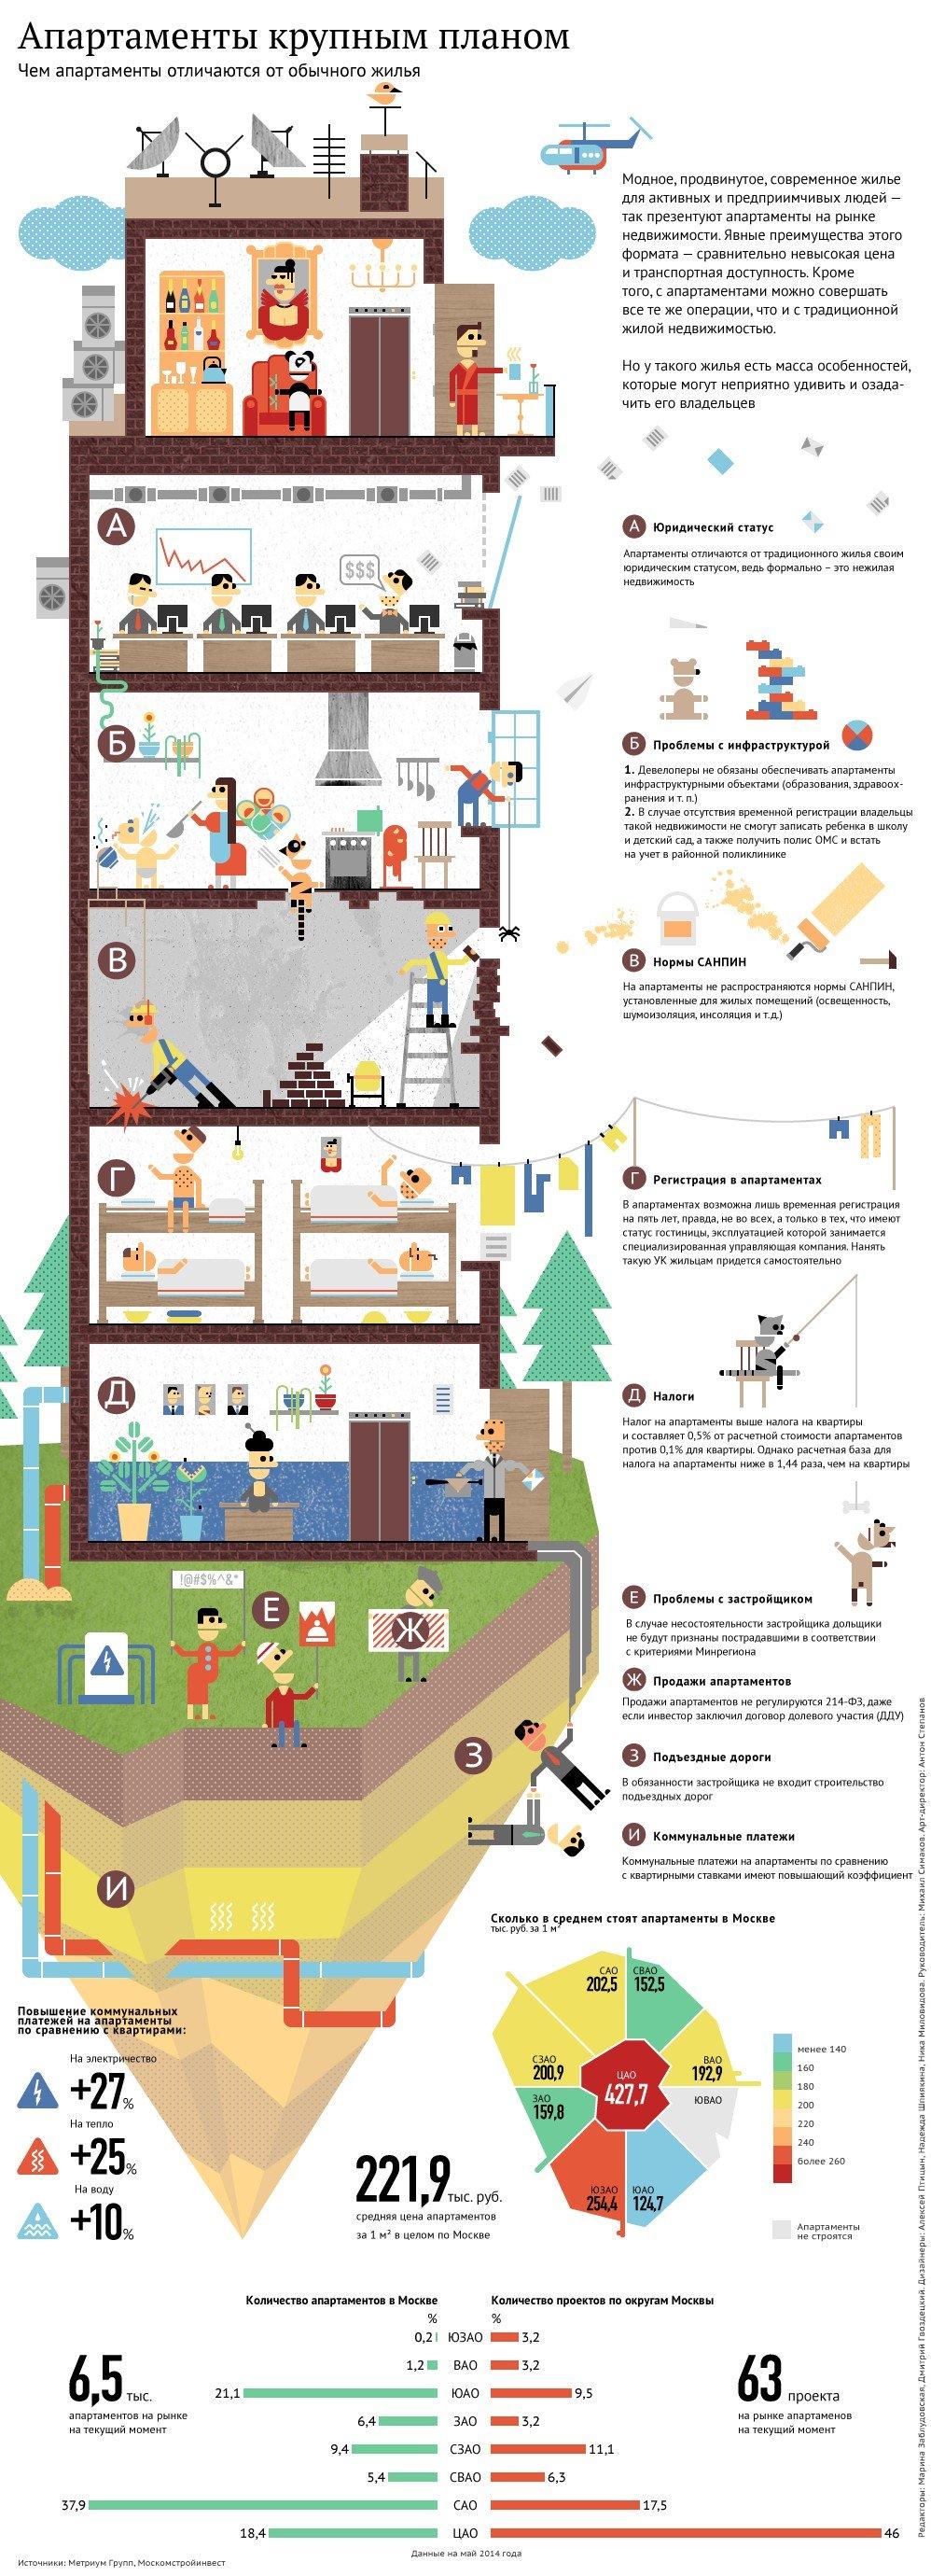 Апартаменты крупным планом: особенности и проблематика формата